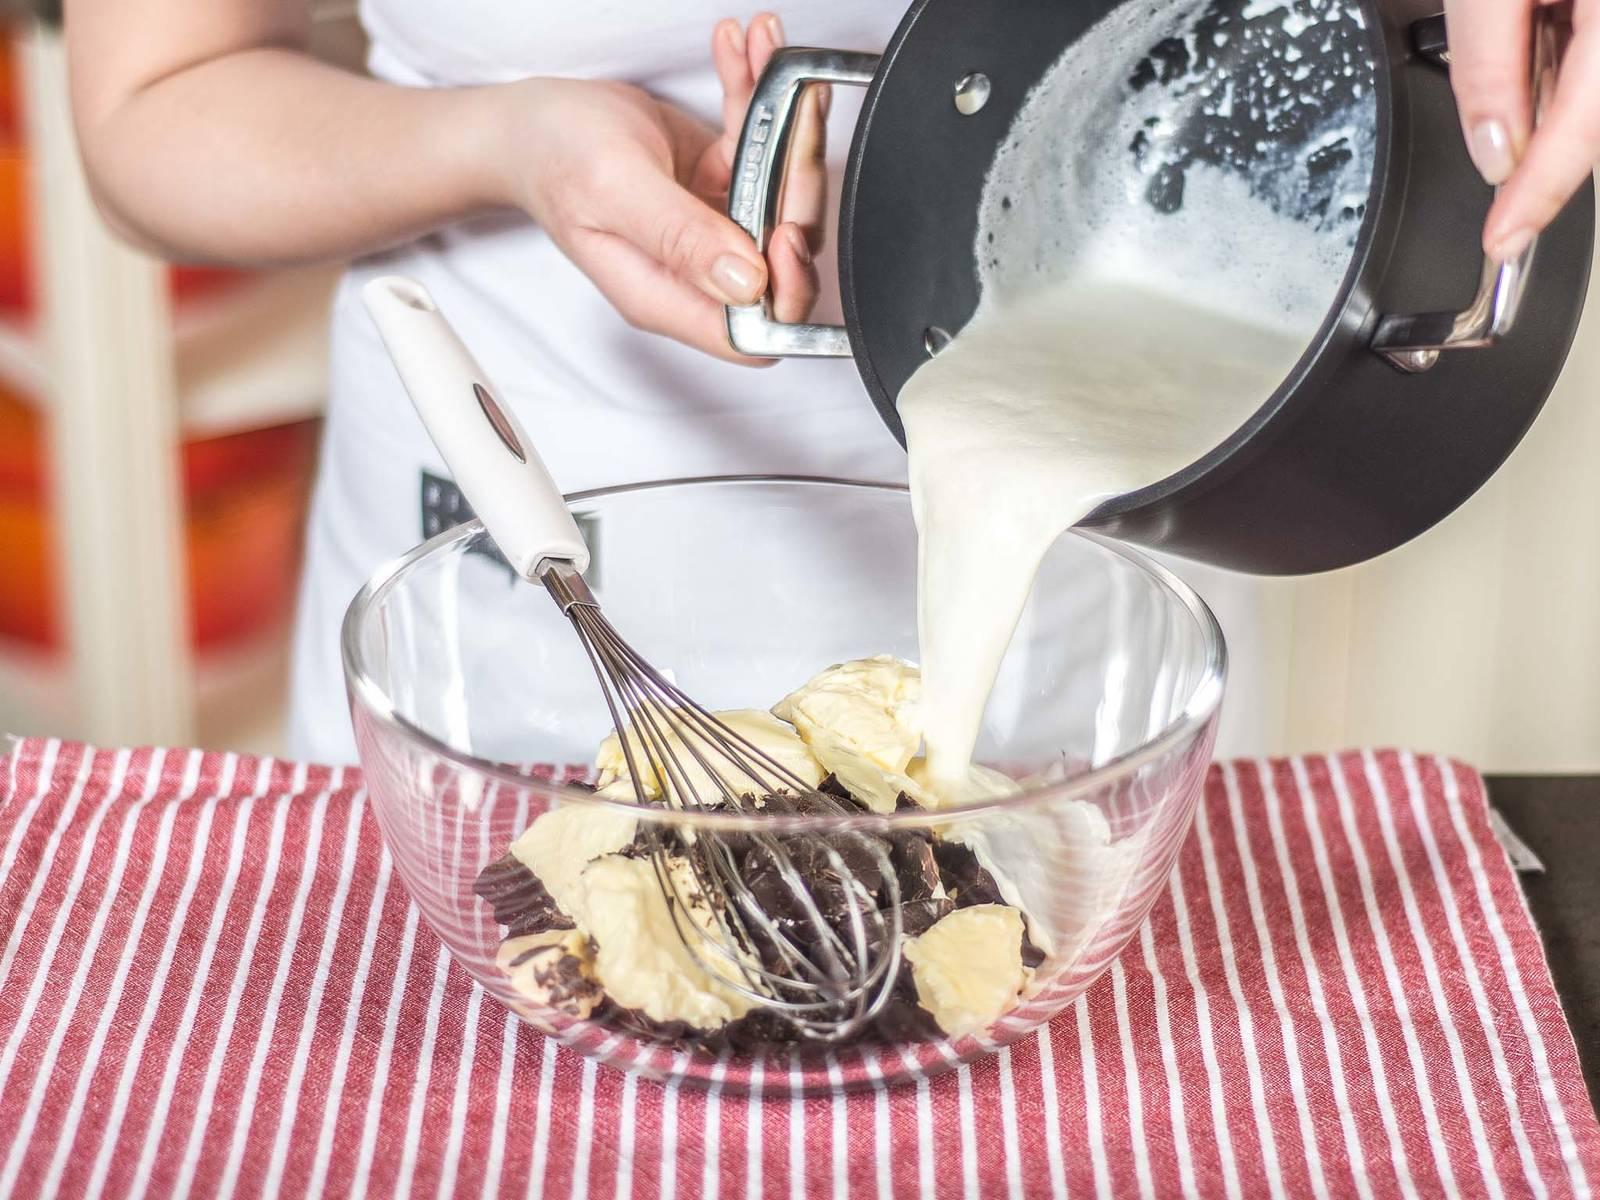 Einen Teil der Sahne aufkochen und zur gehackten Kuvertüre sowie Butter geben. 1 – 2 Min. ziehen lassen. Die Masse anschließend mit einem Schneebesen glatt rühren.